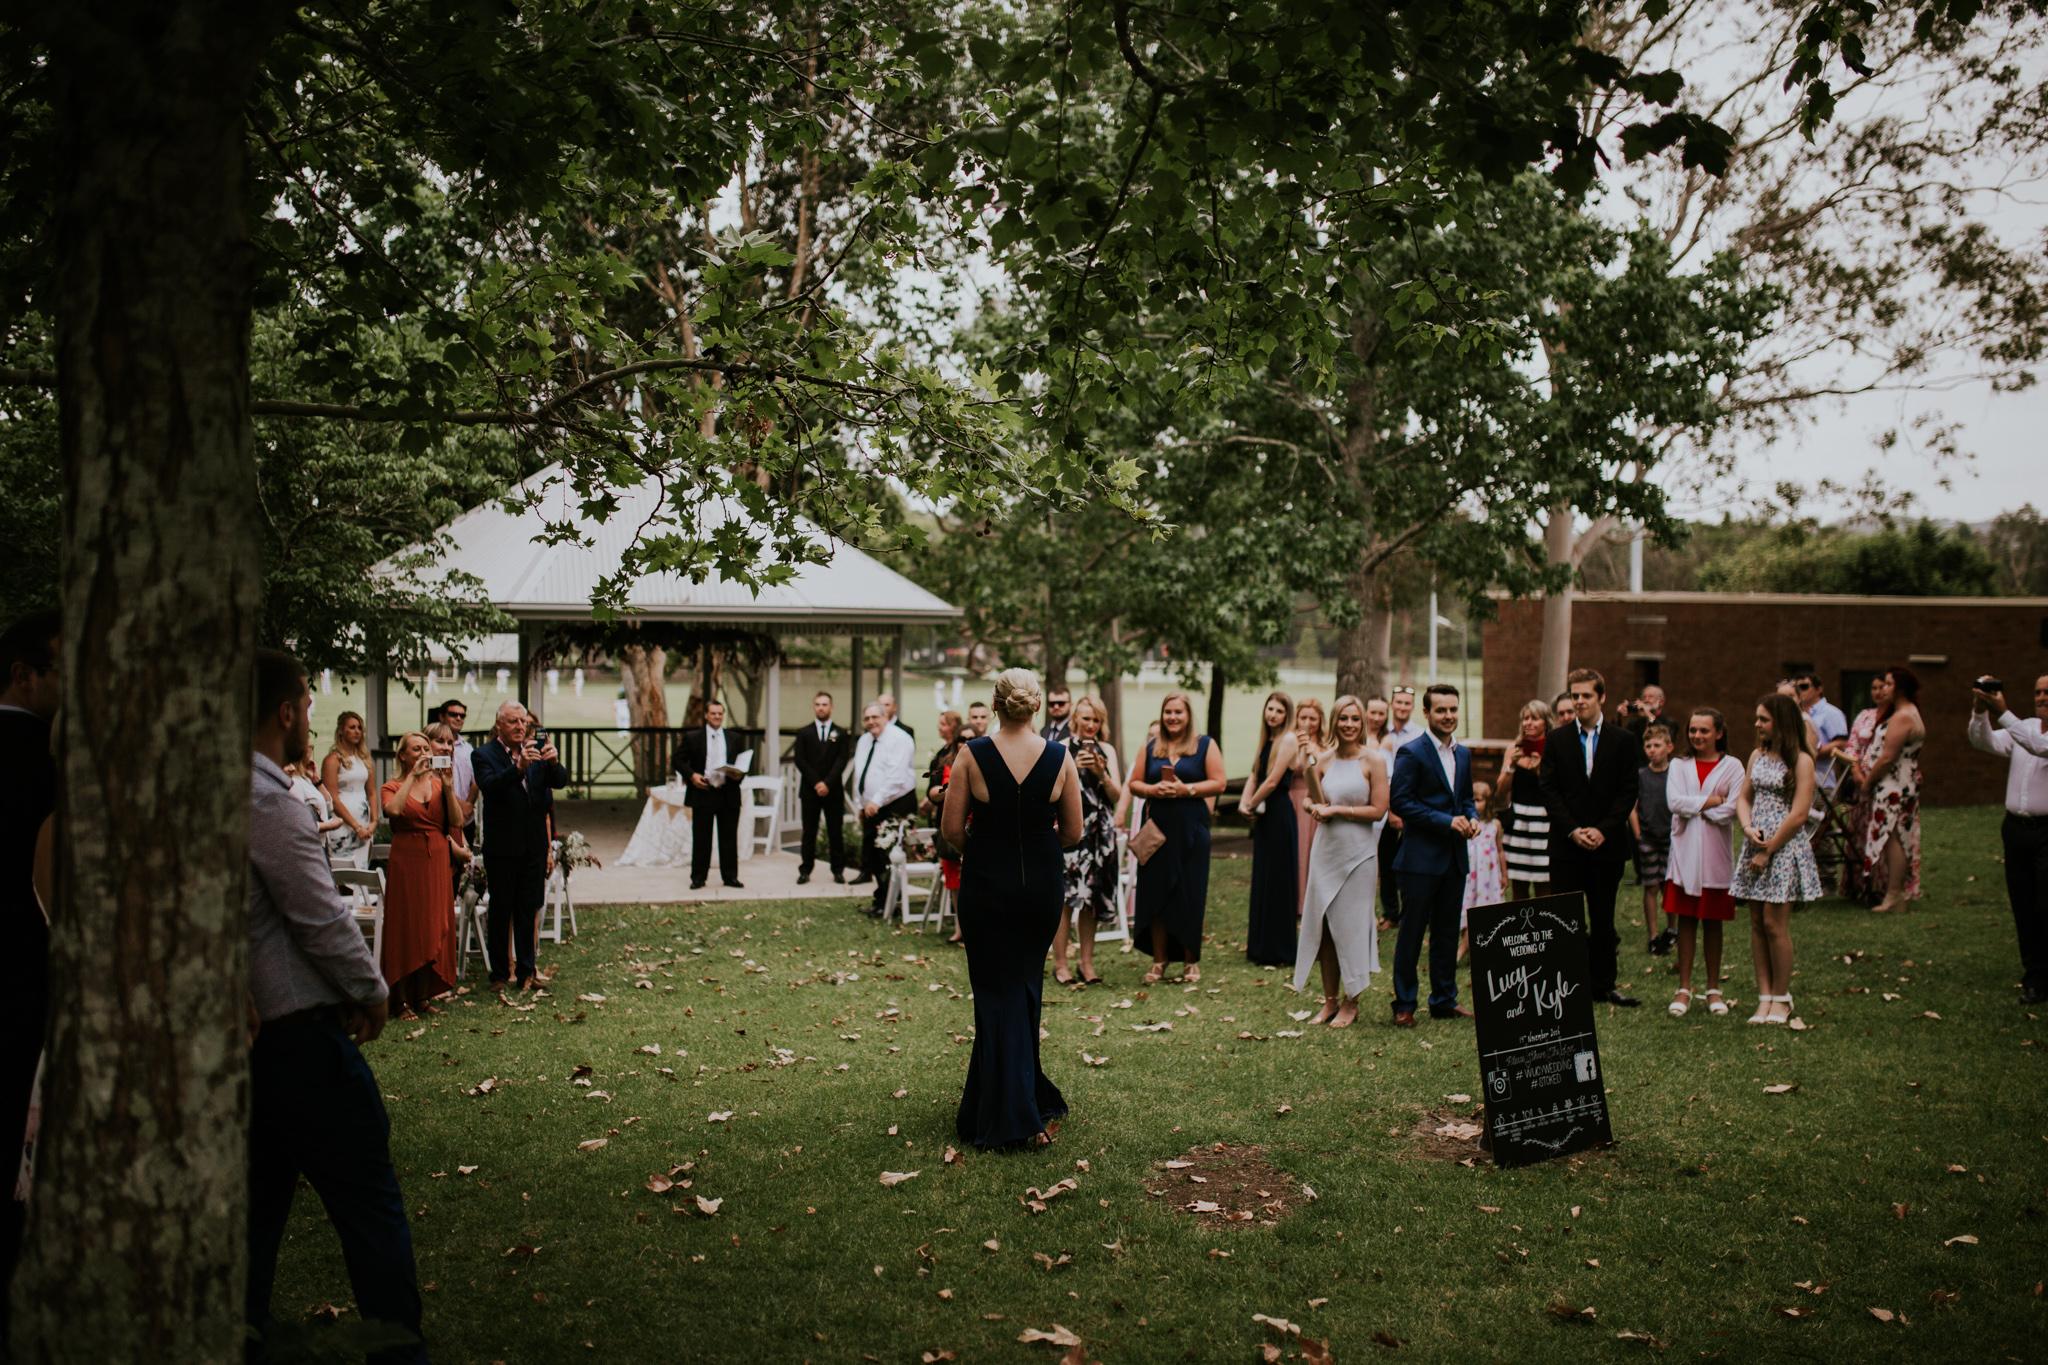 Lucy+Kyle+Kiama+Sebel+wedding-55.jpg